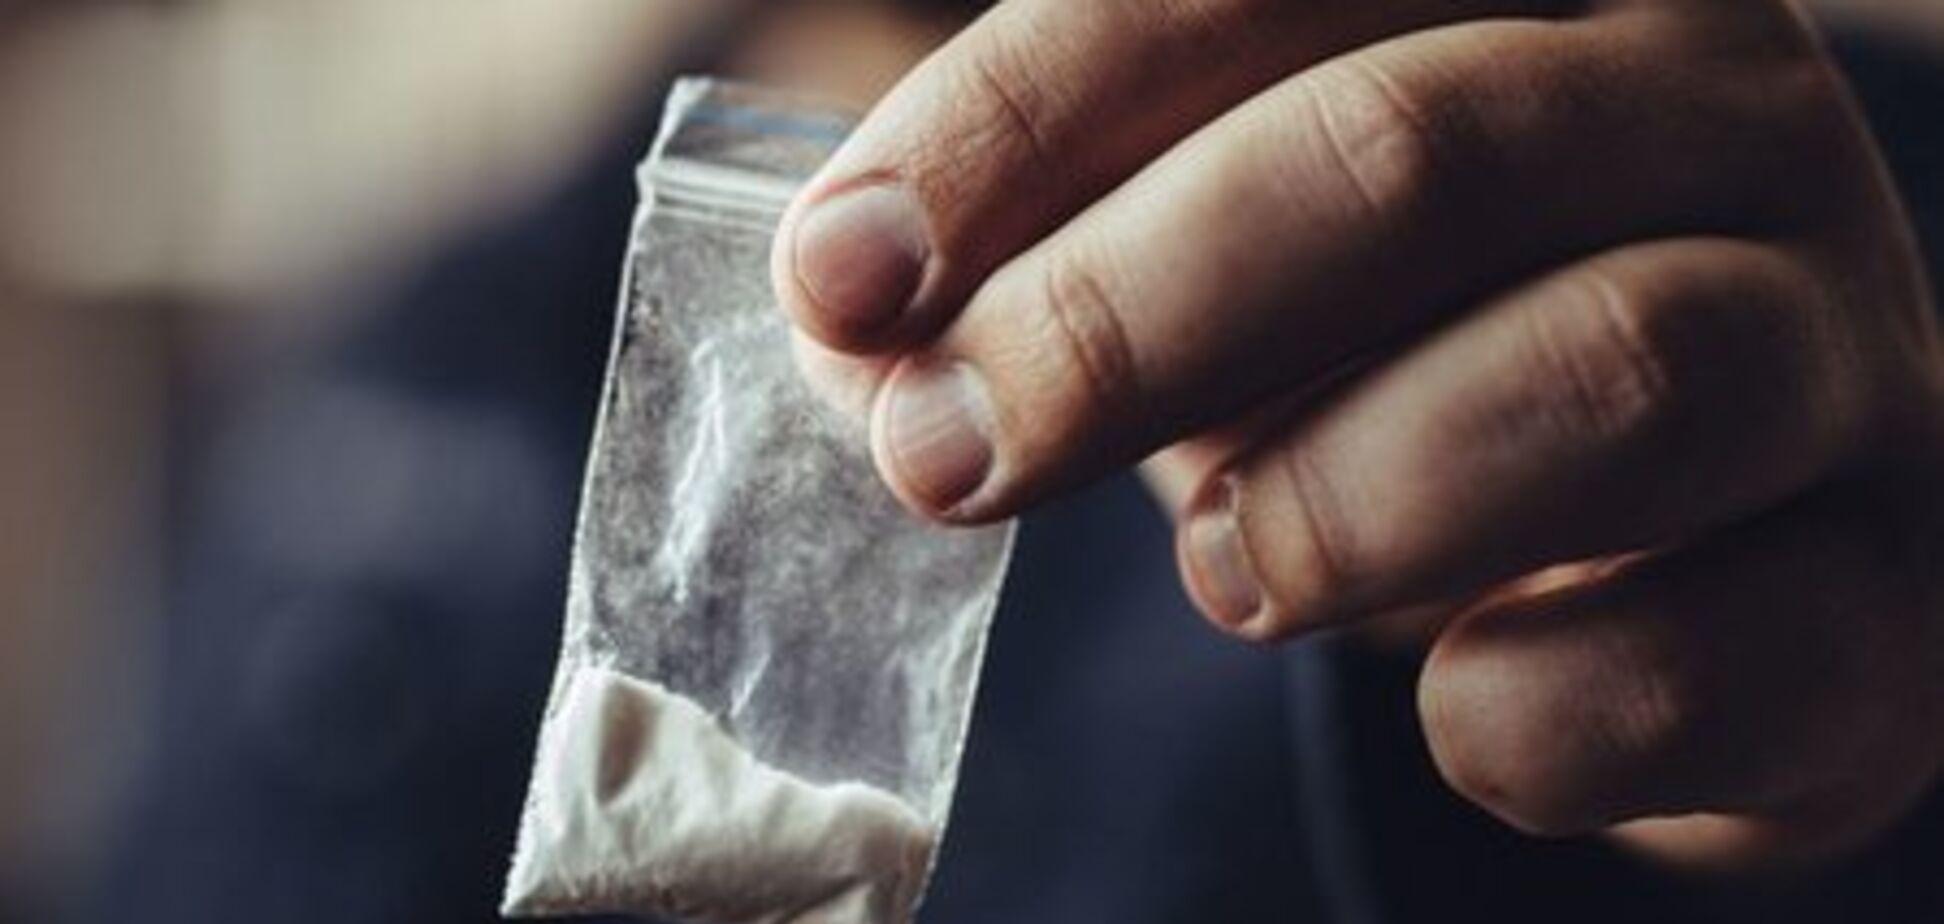 У Дніпрі затримали студента, який рекламував і вживав наркотики